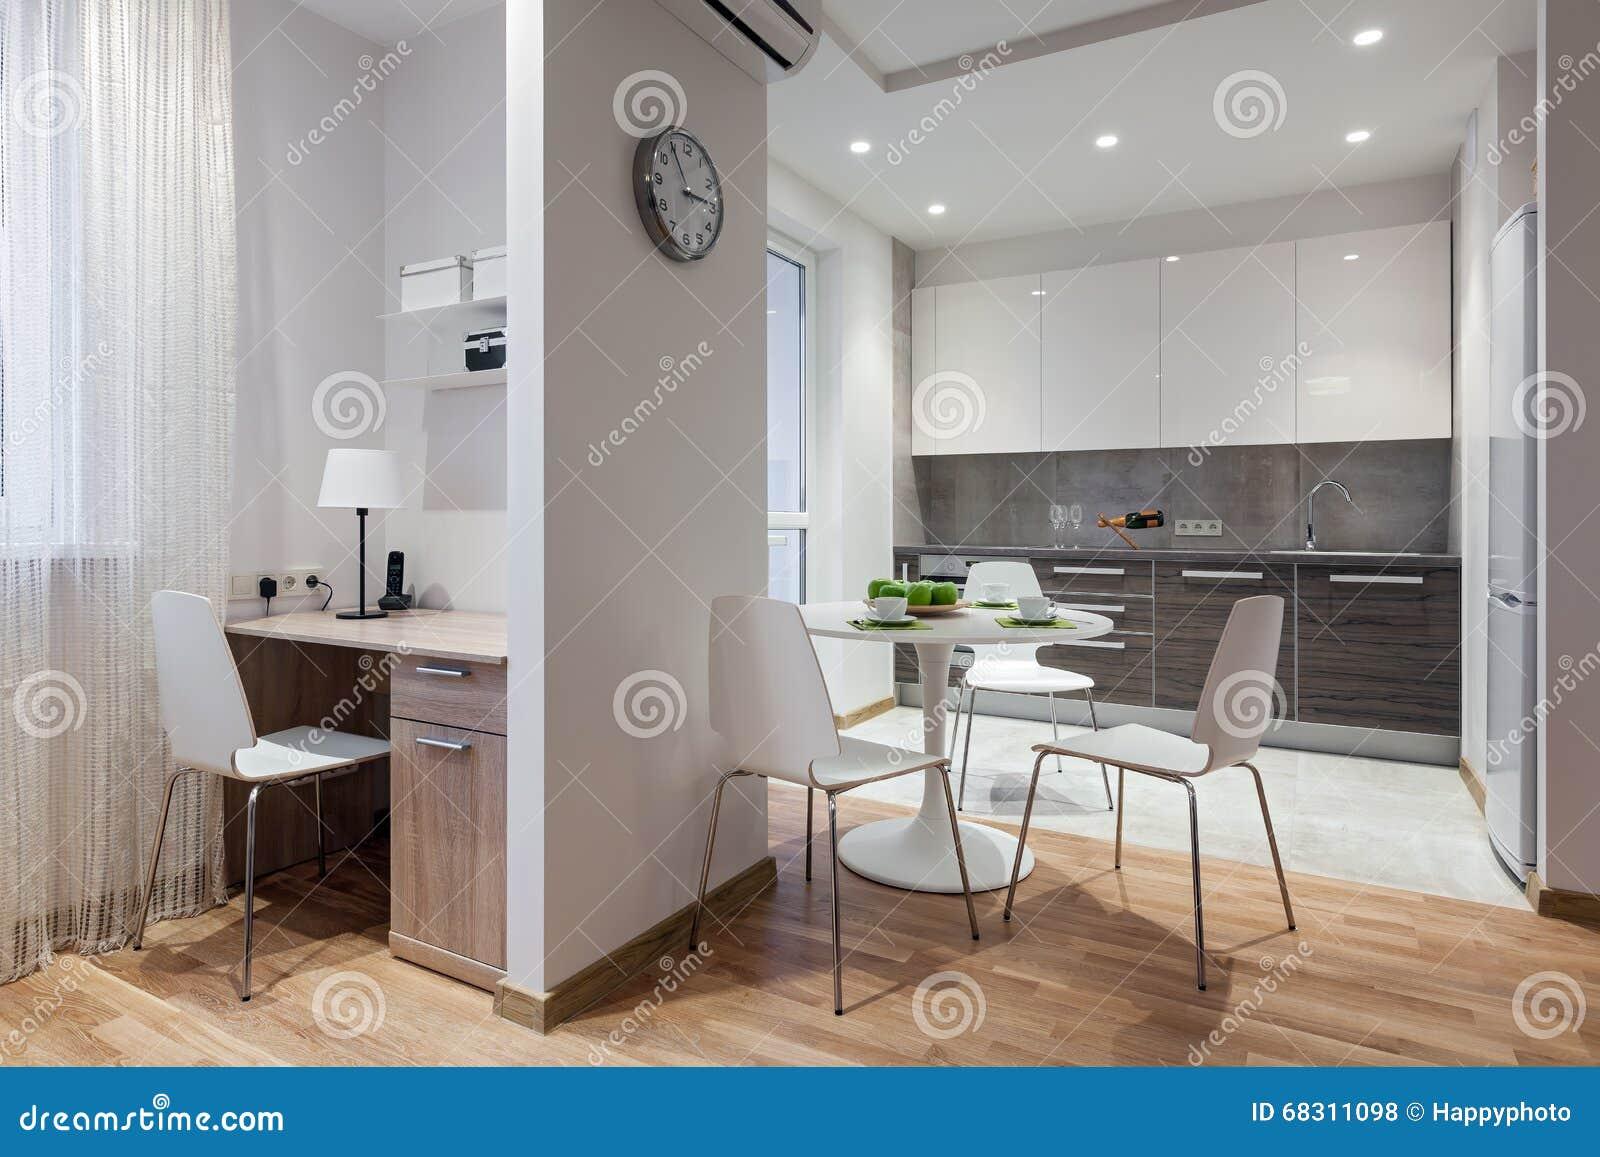 Innenraum Der Modernen Wohnung In Der Skandinavischen Art Mit Küche ...